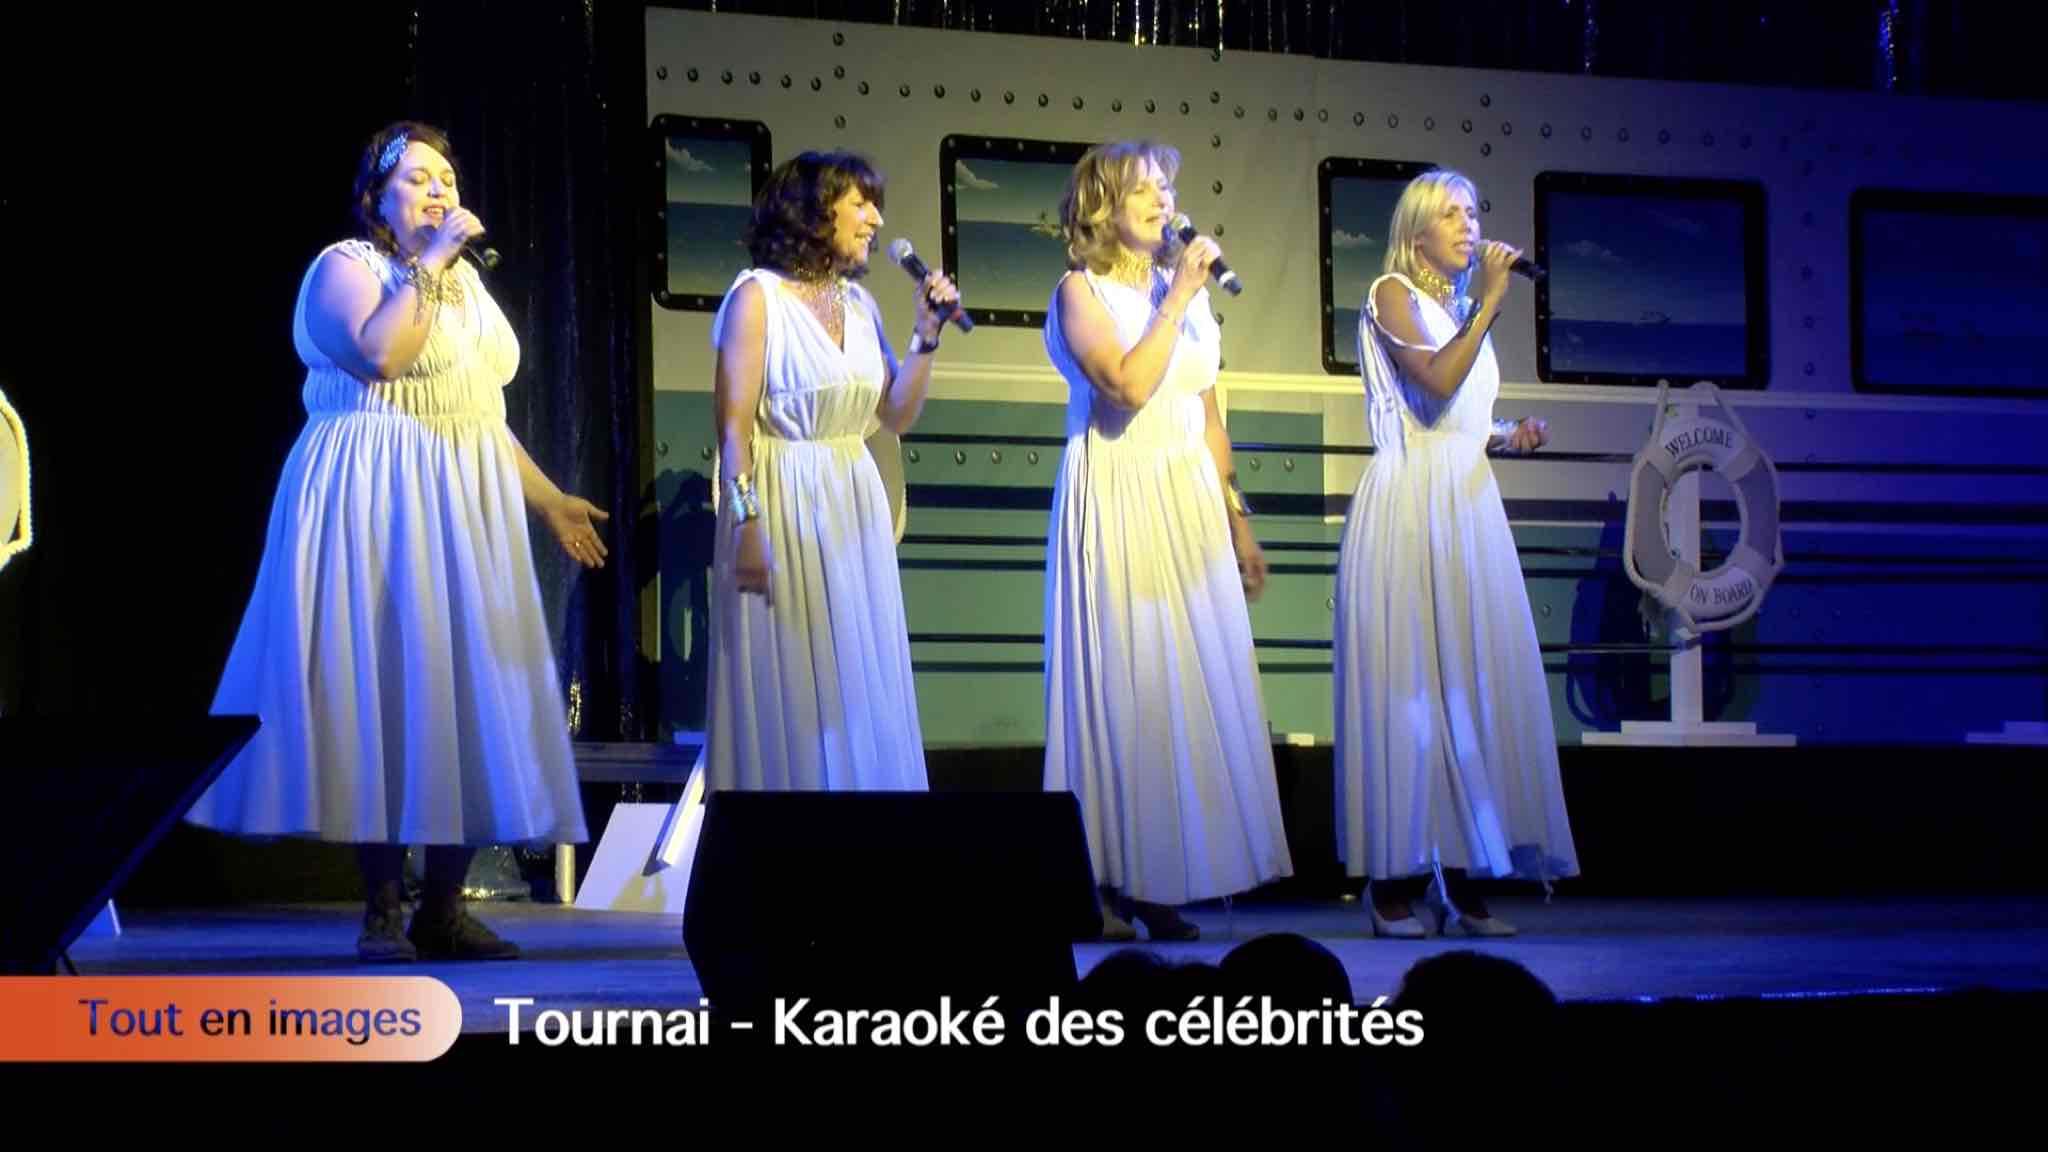 Halle aux draps - Karaoké des célébrités